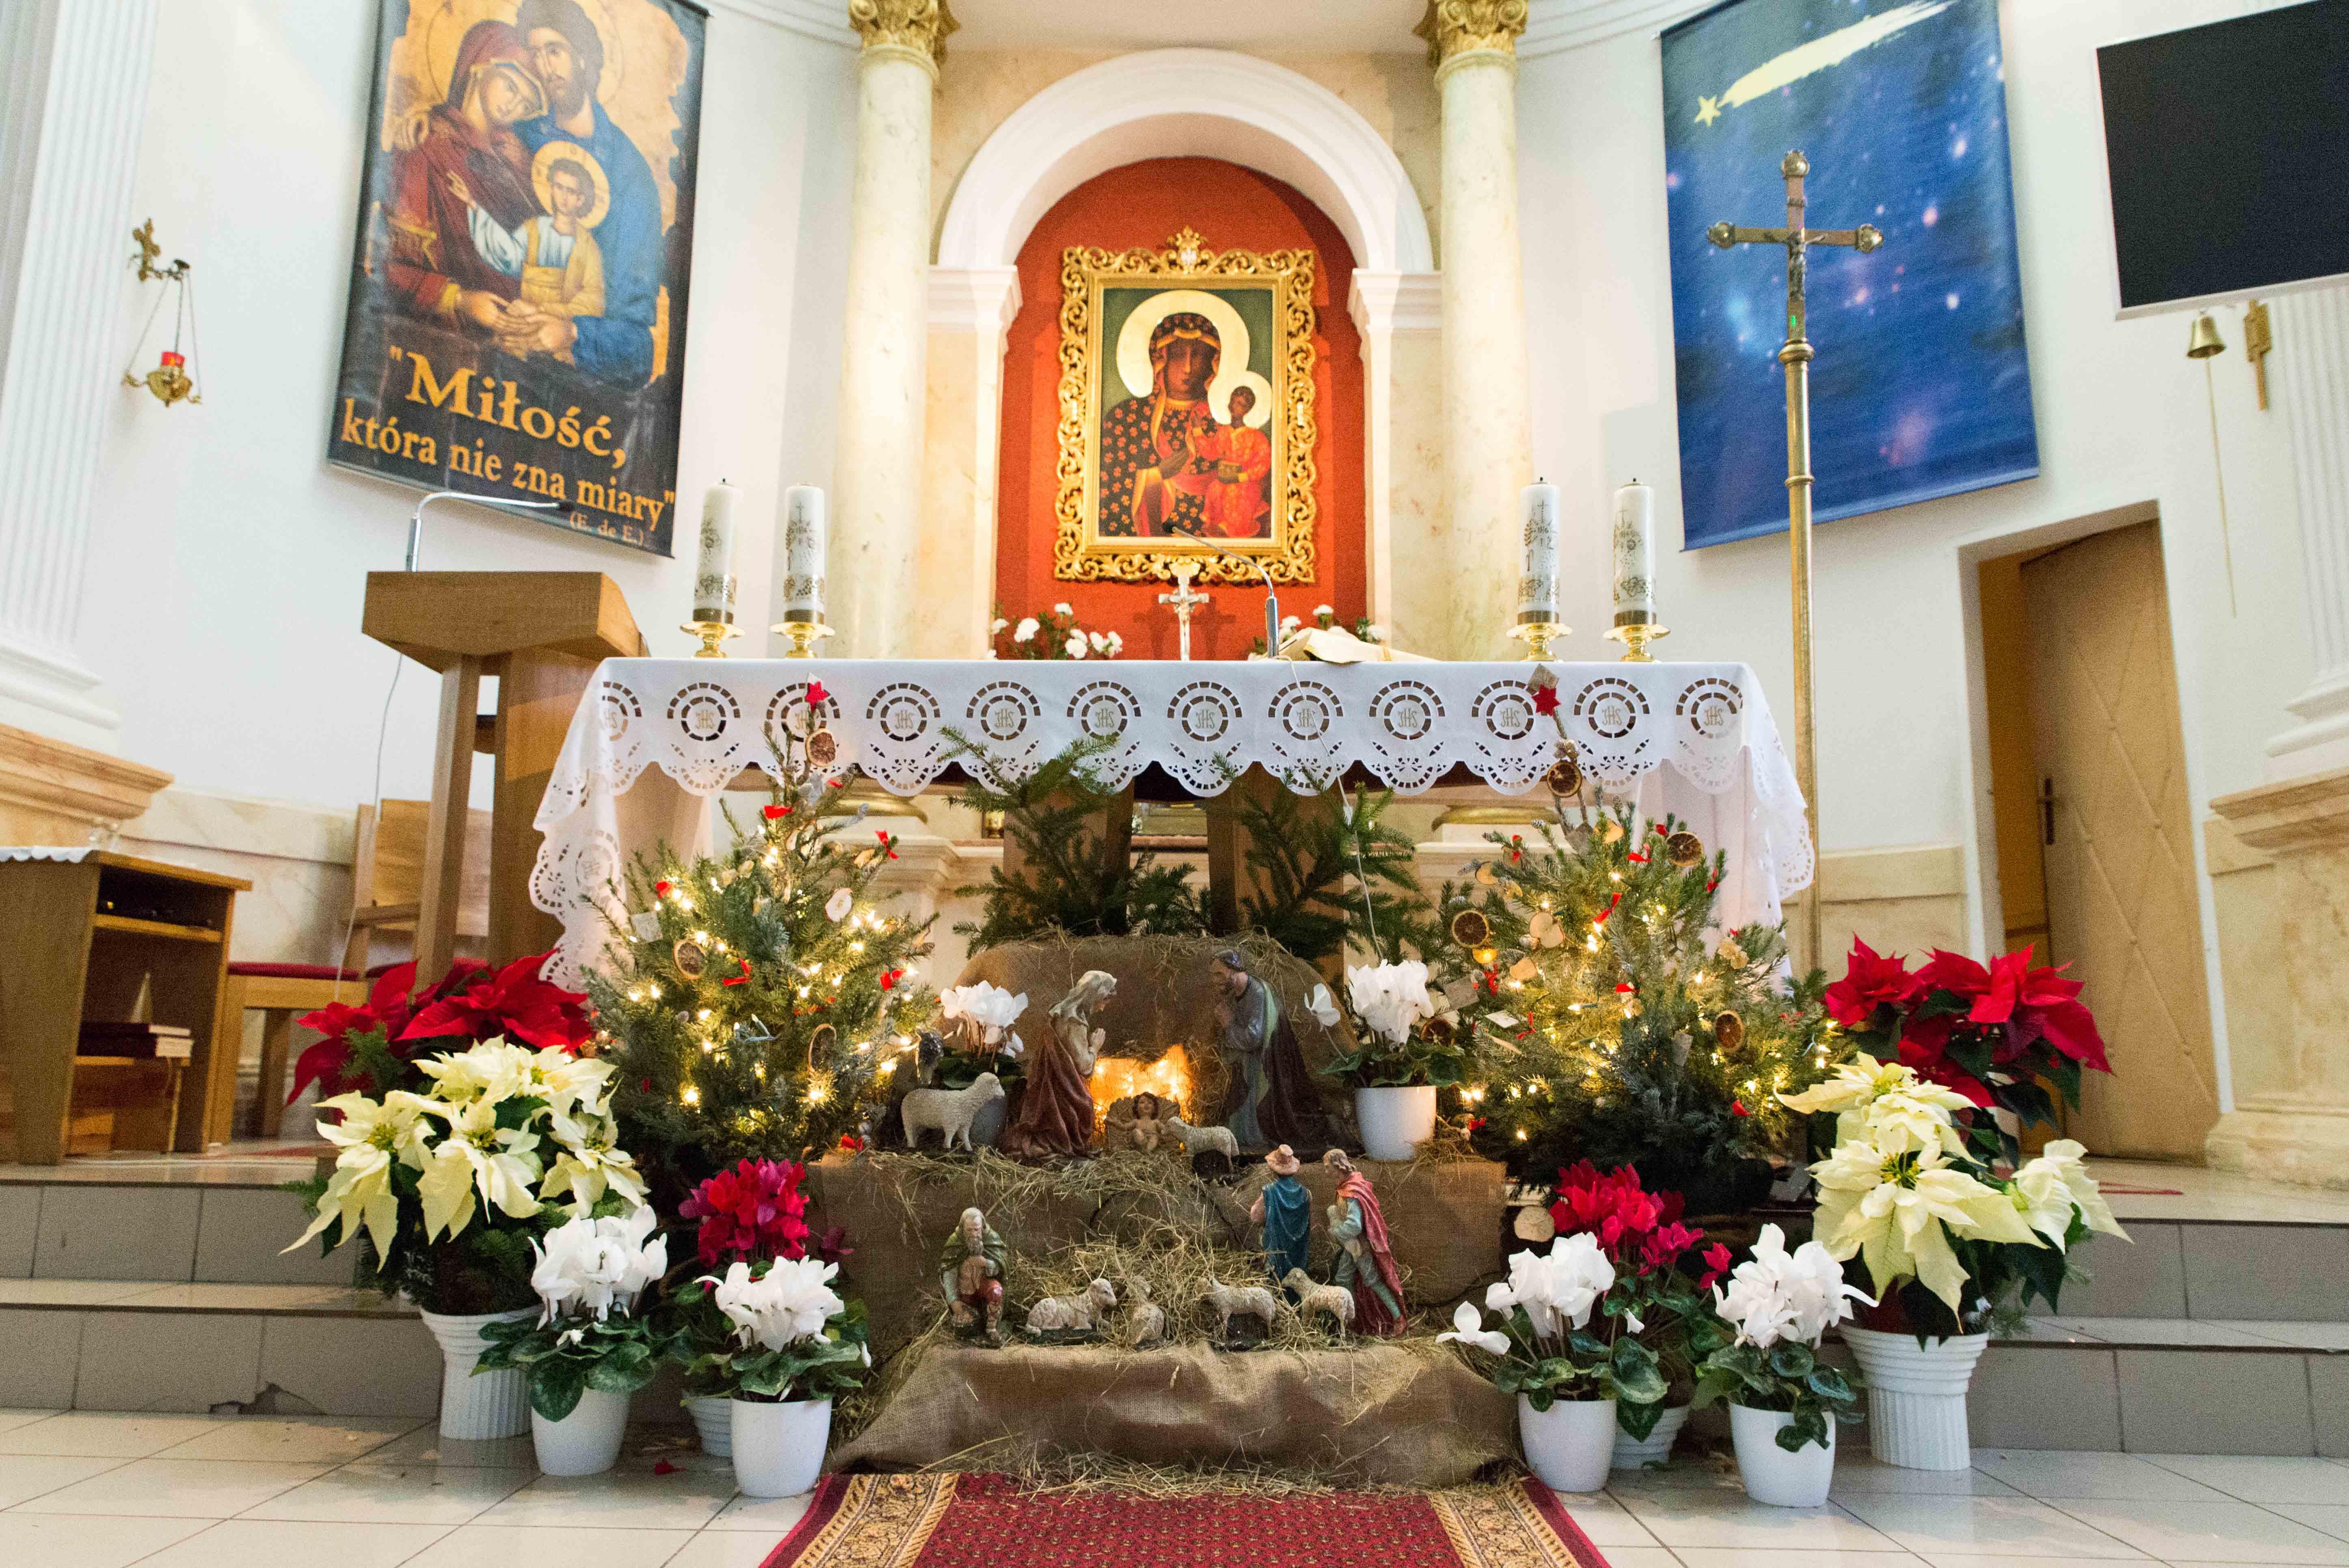 Kosciol Najswietszej Maryi Panny Czestochowskiej we Wroclawiu male (14)